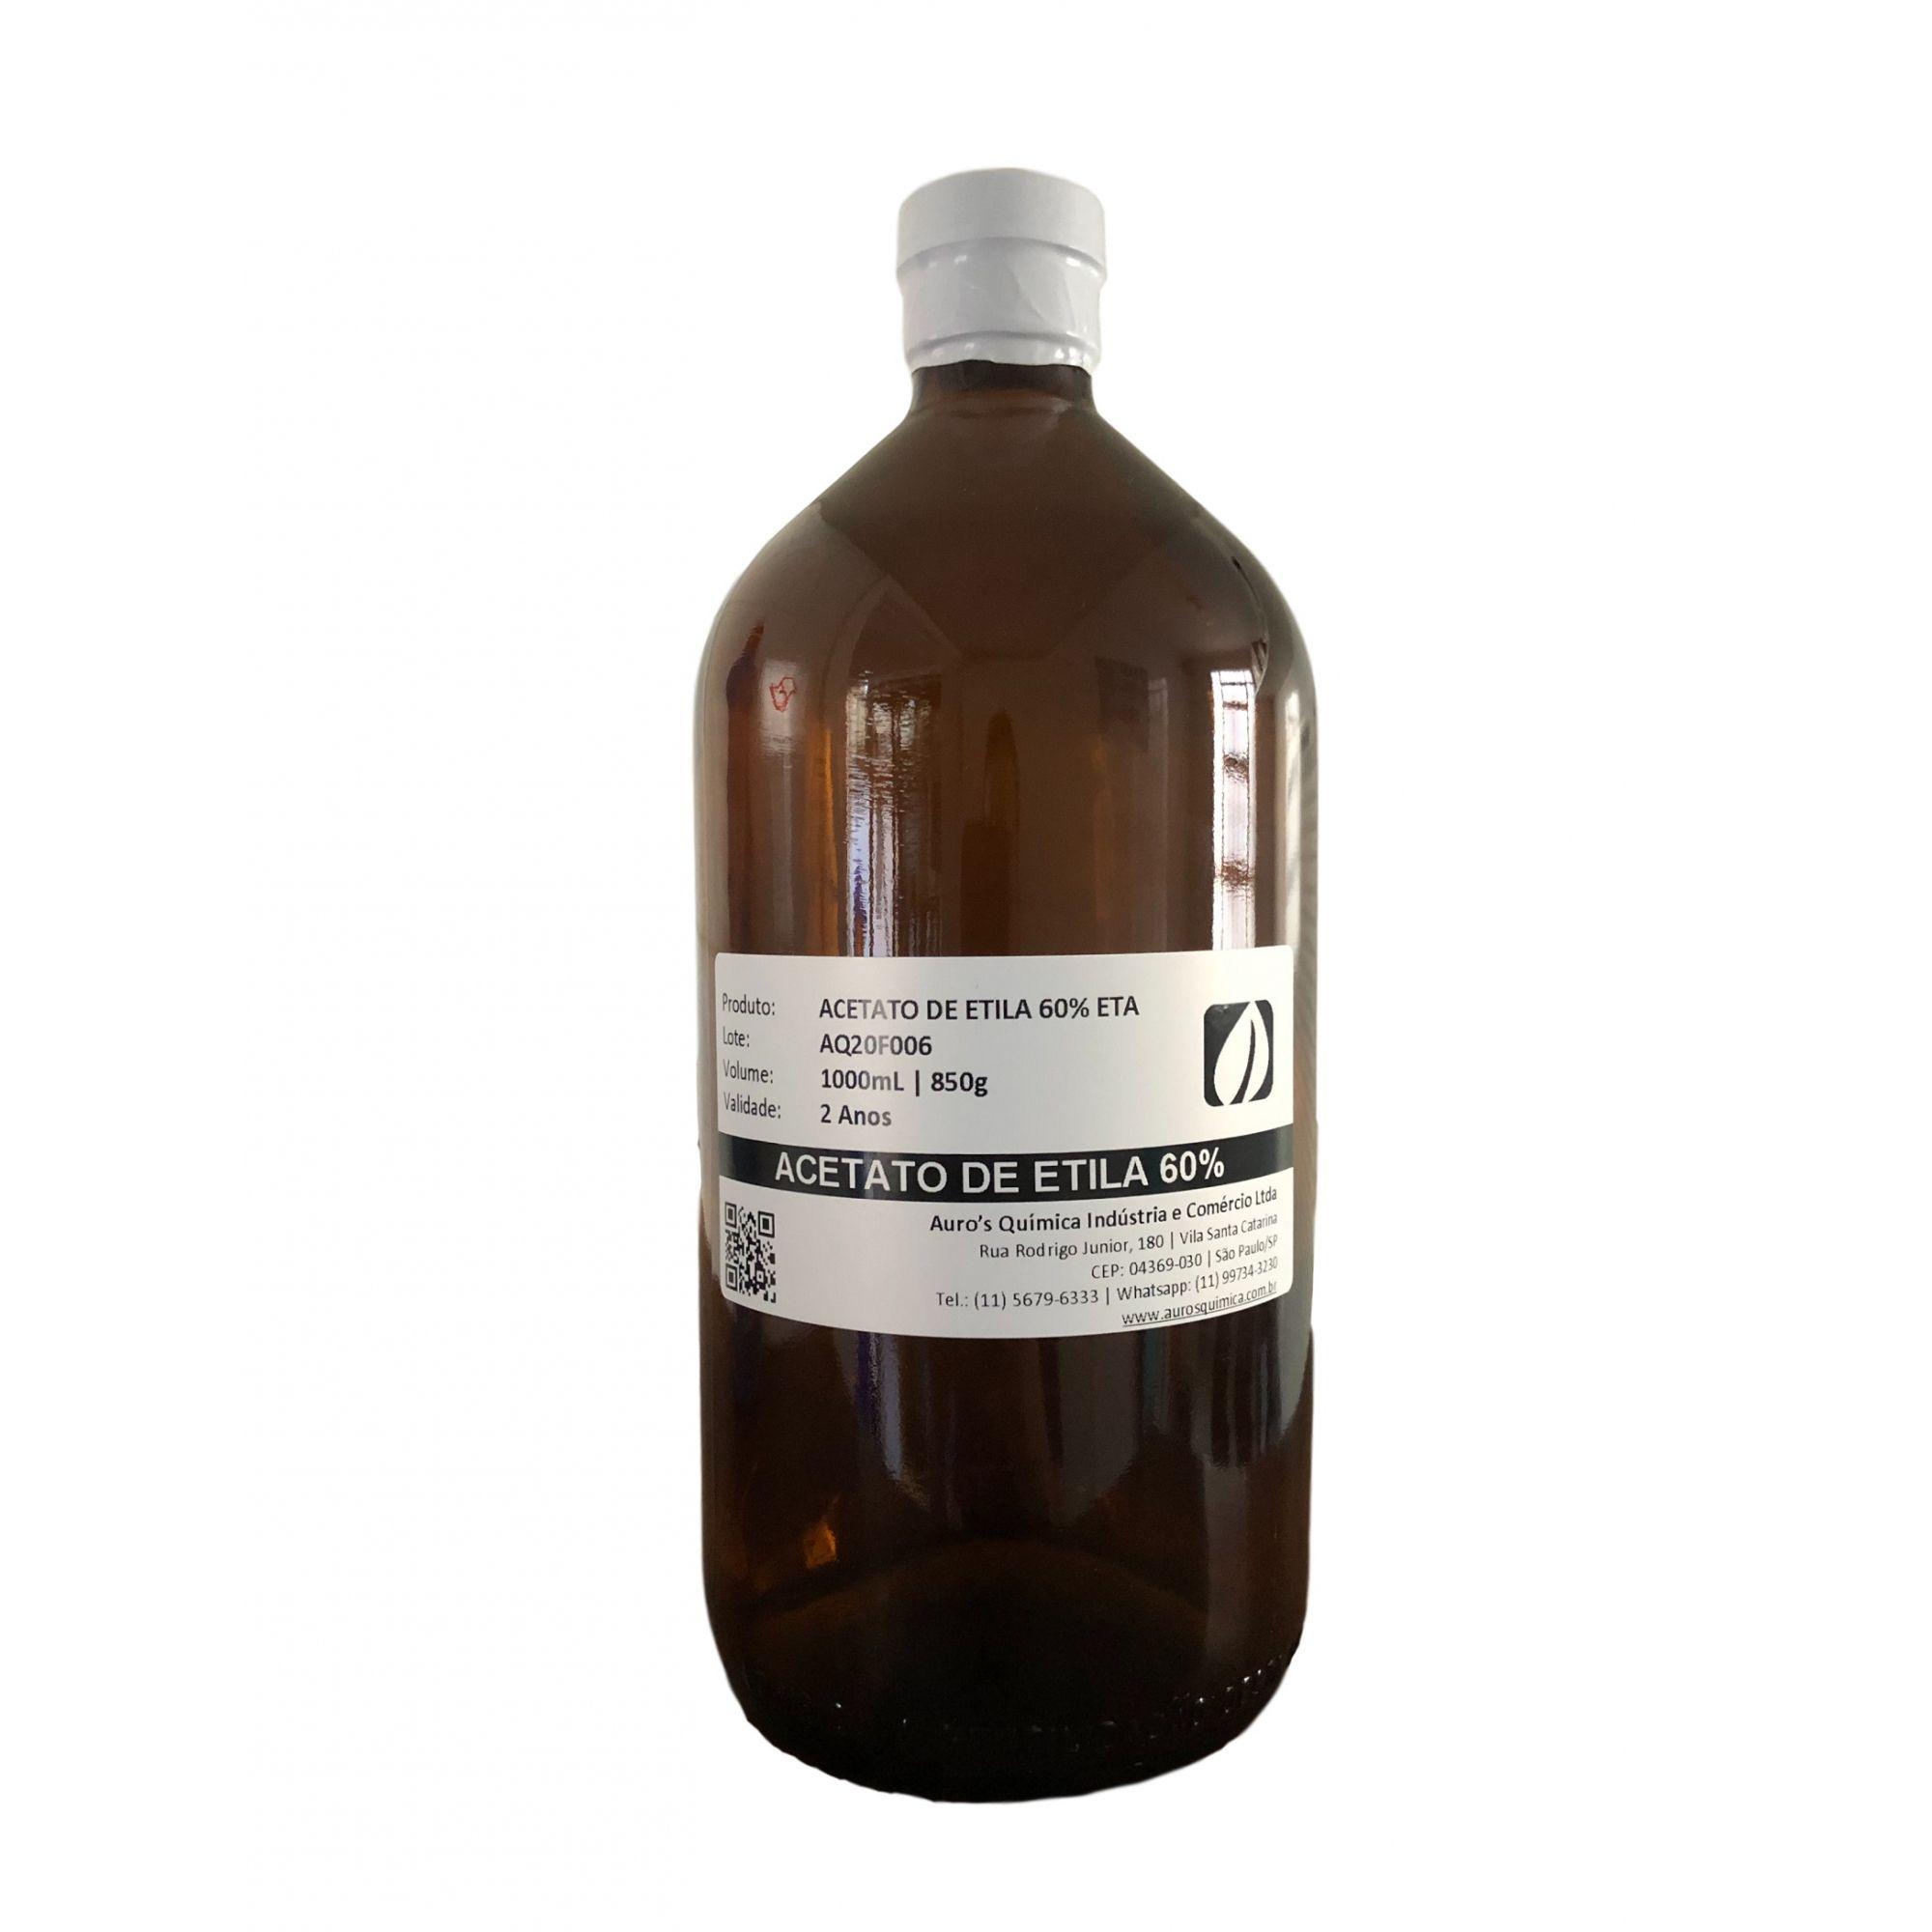 Acetato de Etila 60% ETA - 1 Litro